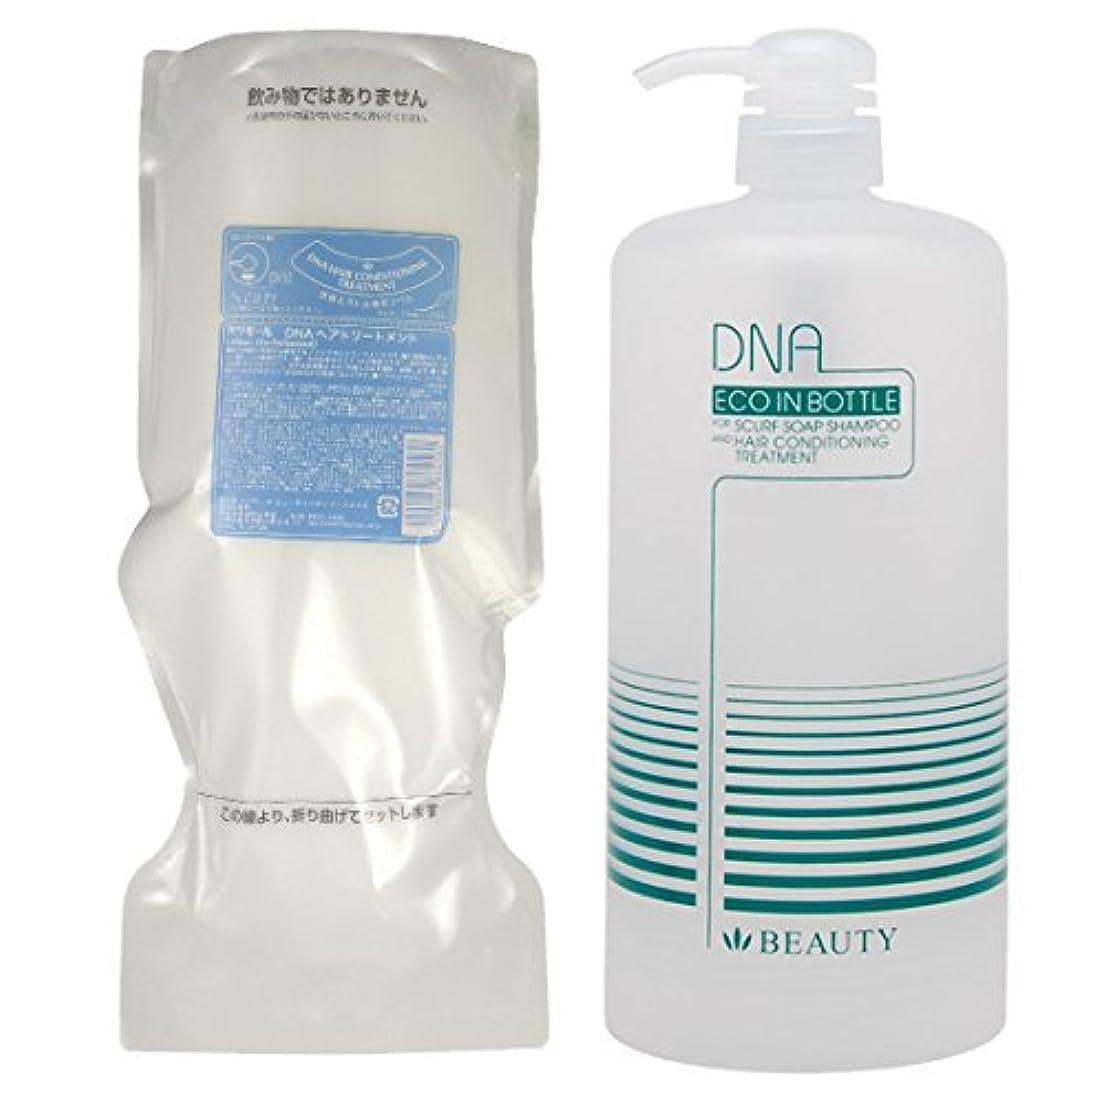 器官不合格認証ハツモール DNA ビューティ ヘアトリートメント 1000g 詰め替え + 専用空容器 セット